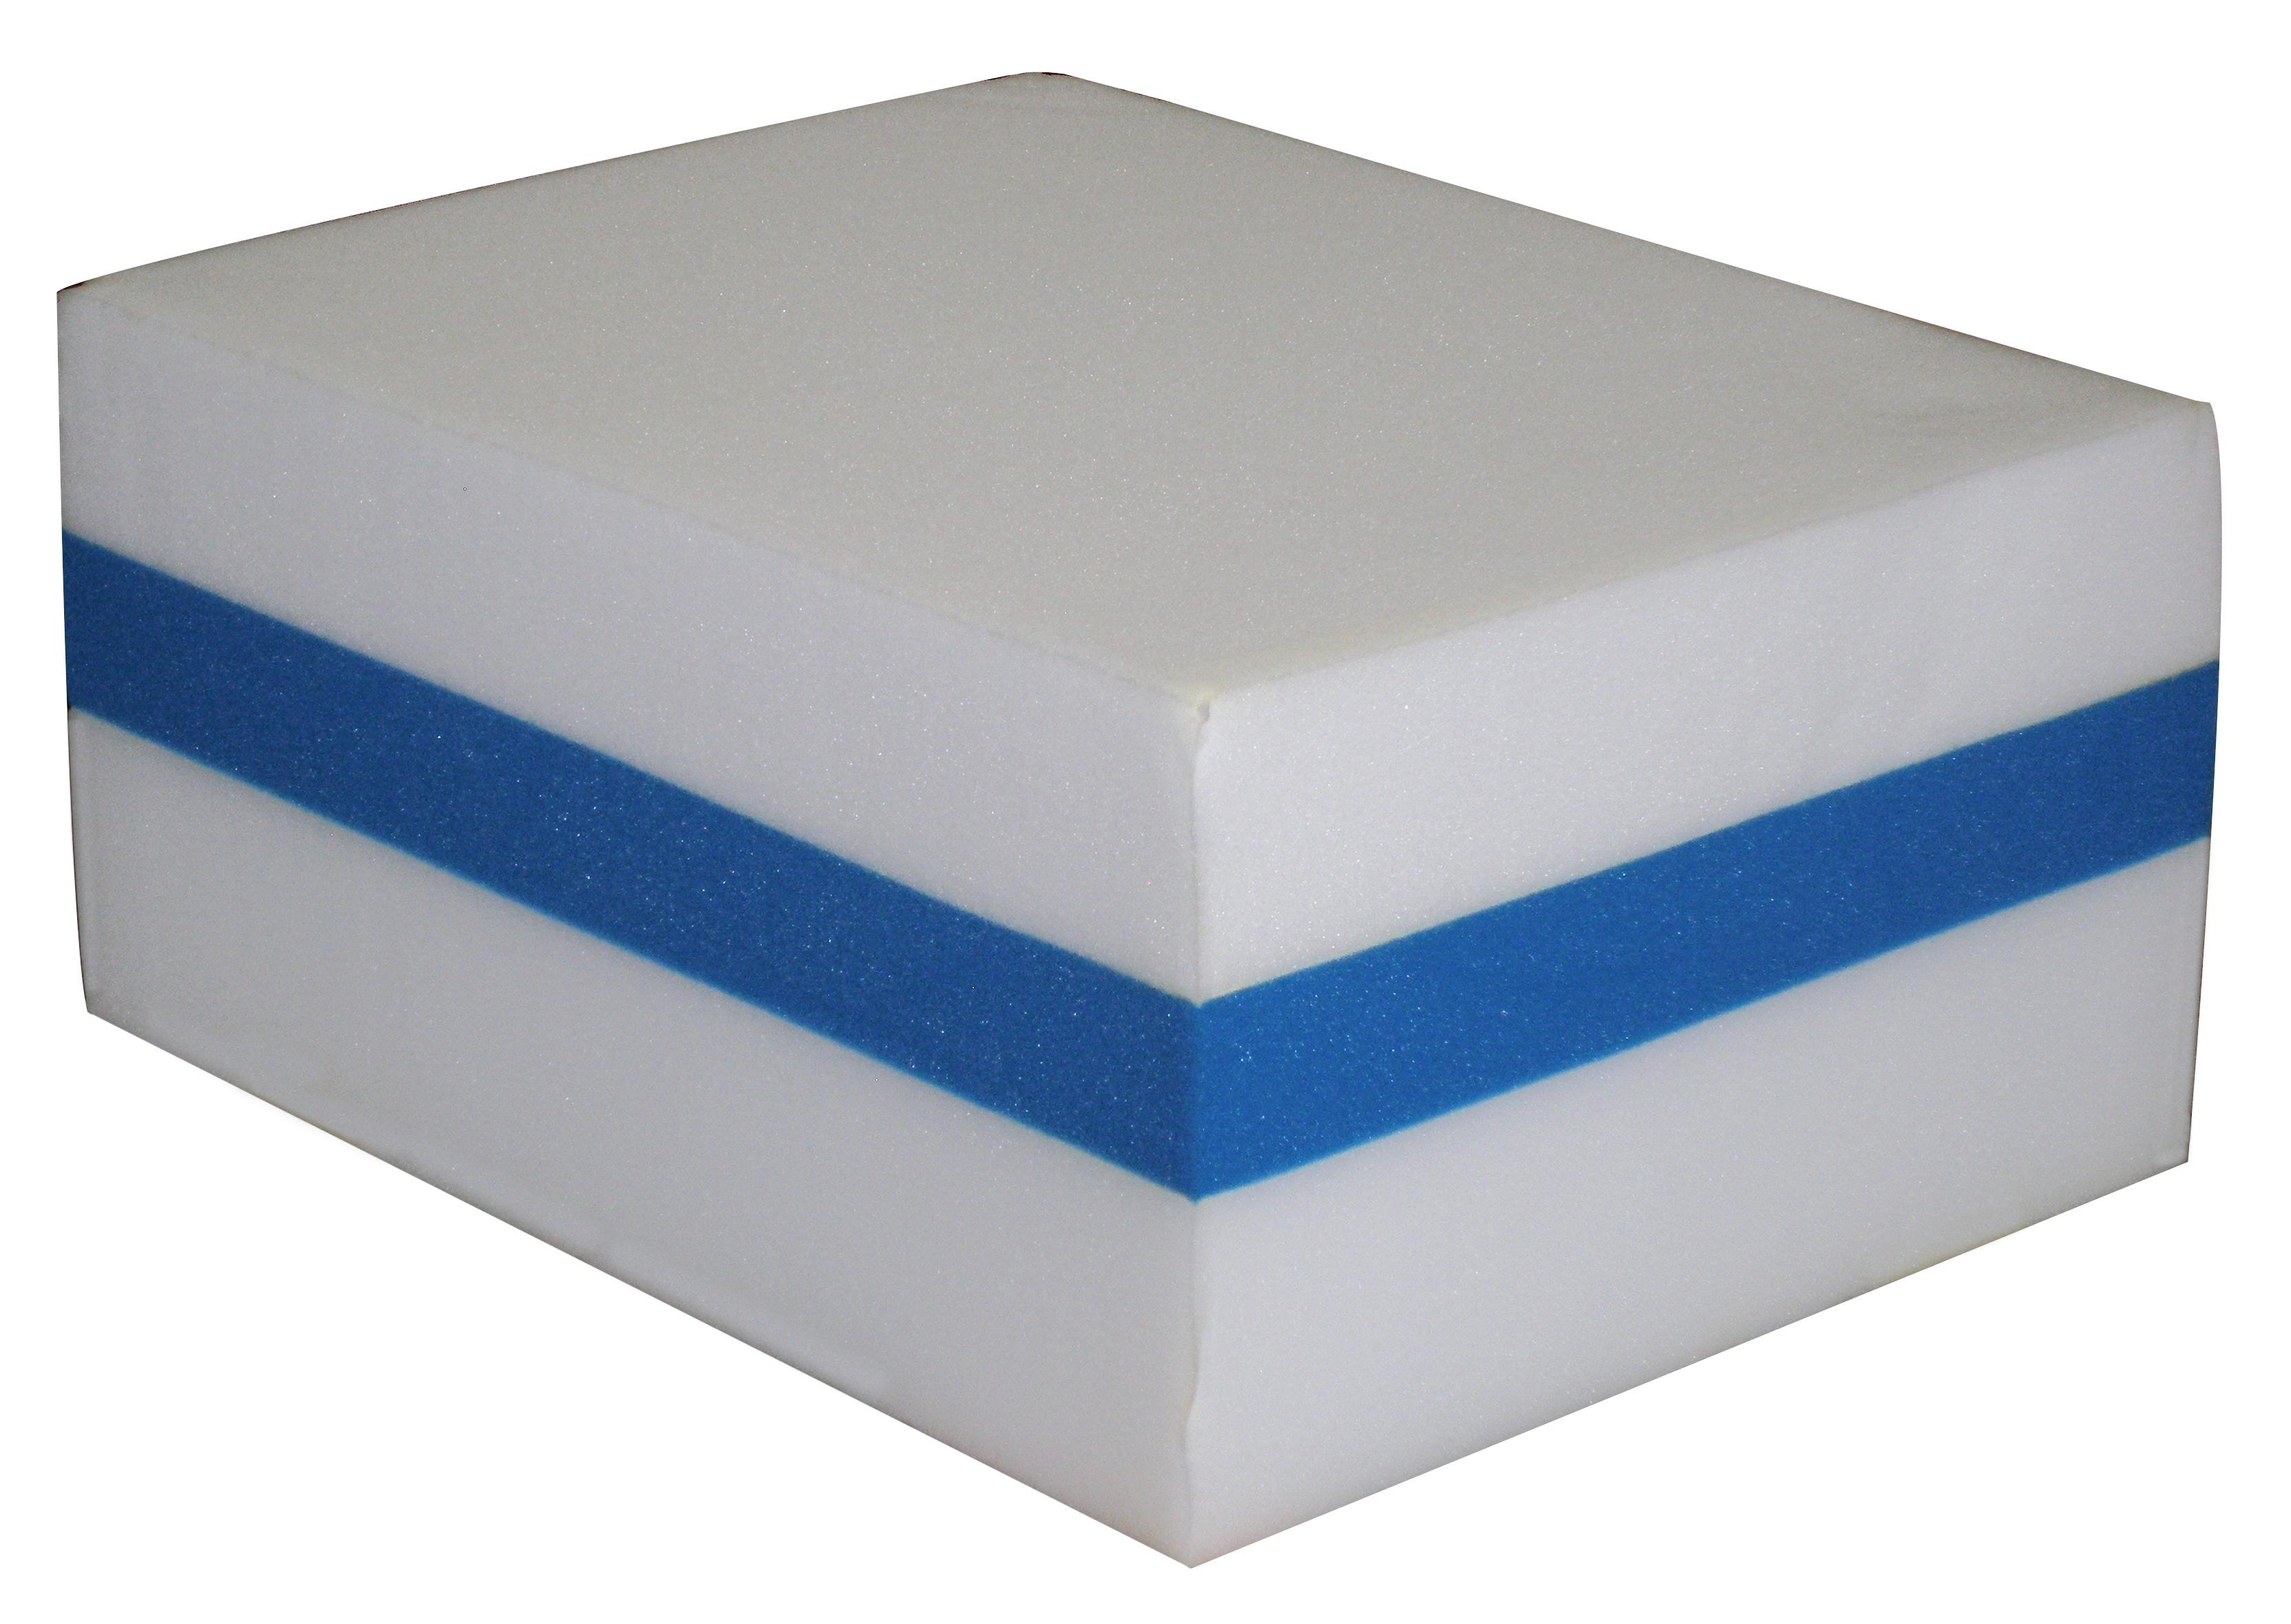 Furniture Bedroom Furniture Memory Foam Mattress Sleep 9 Inches Memory Foam Mattress